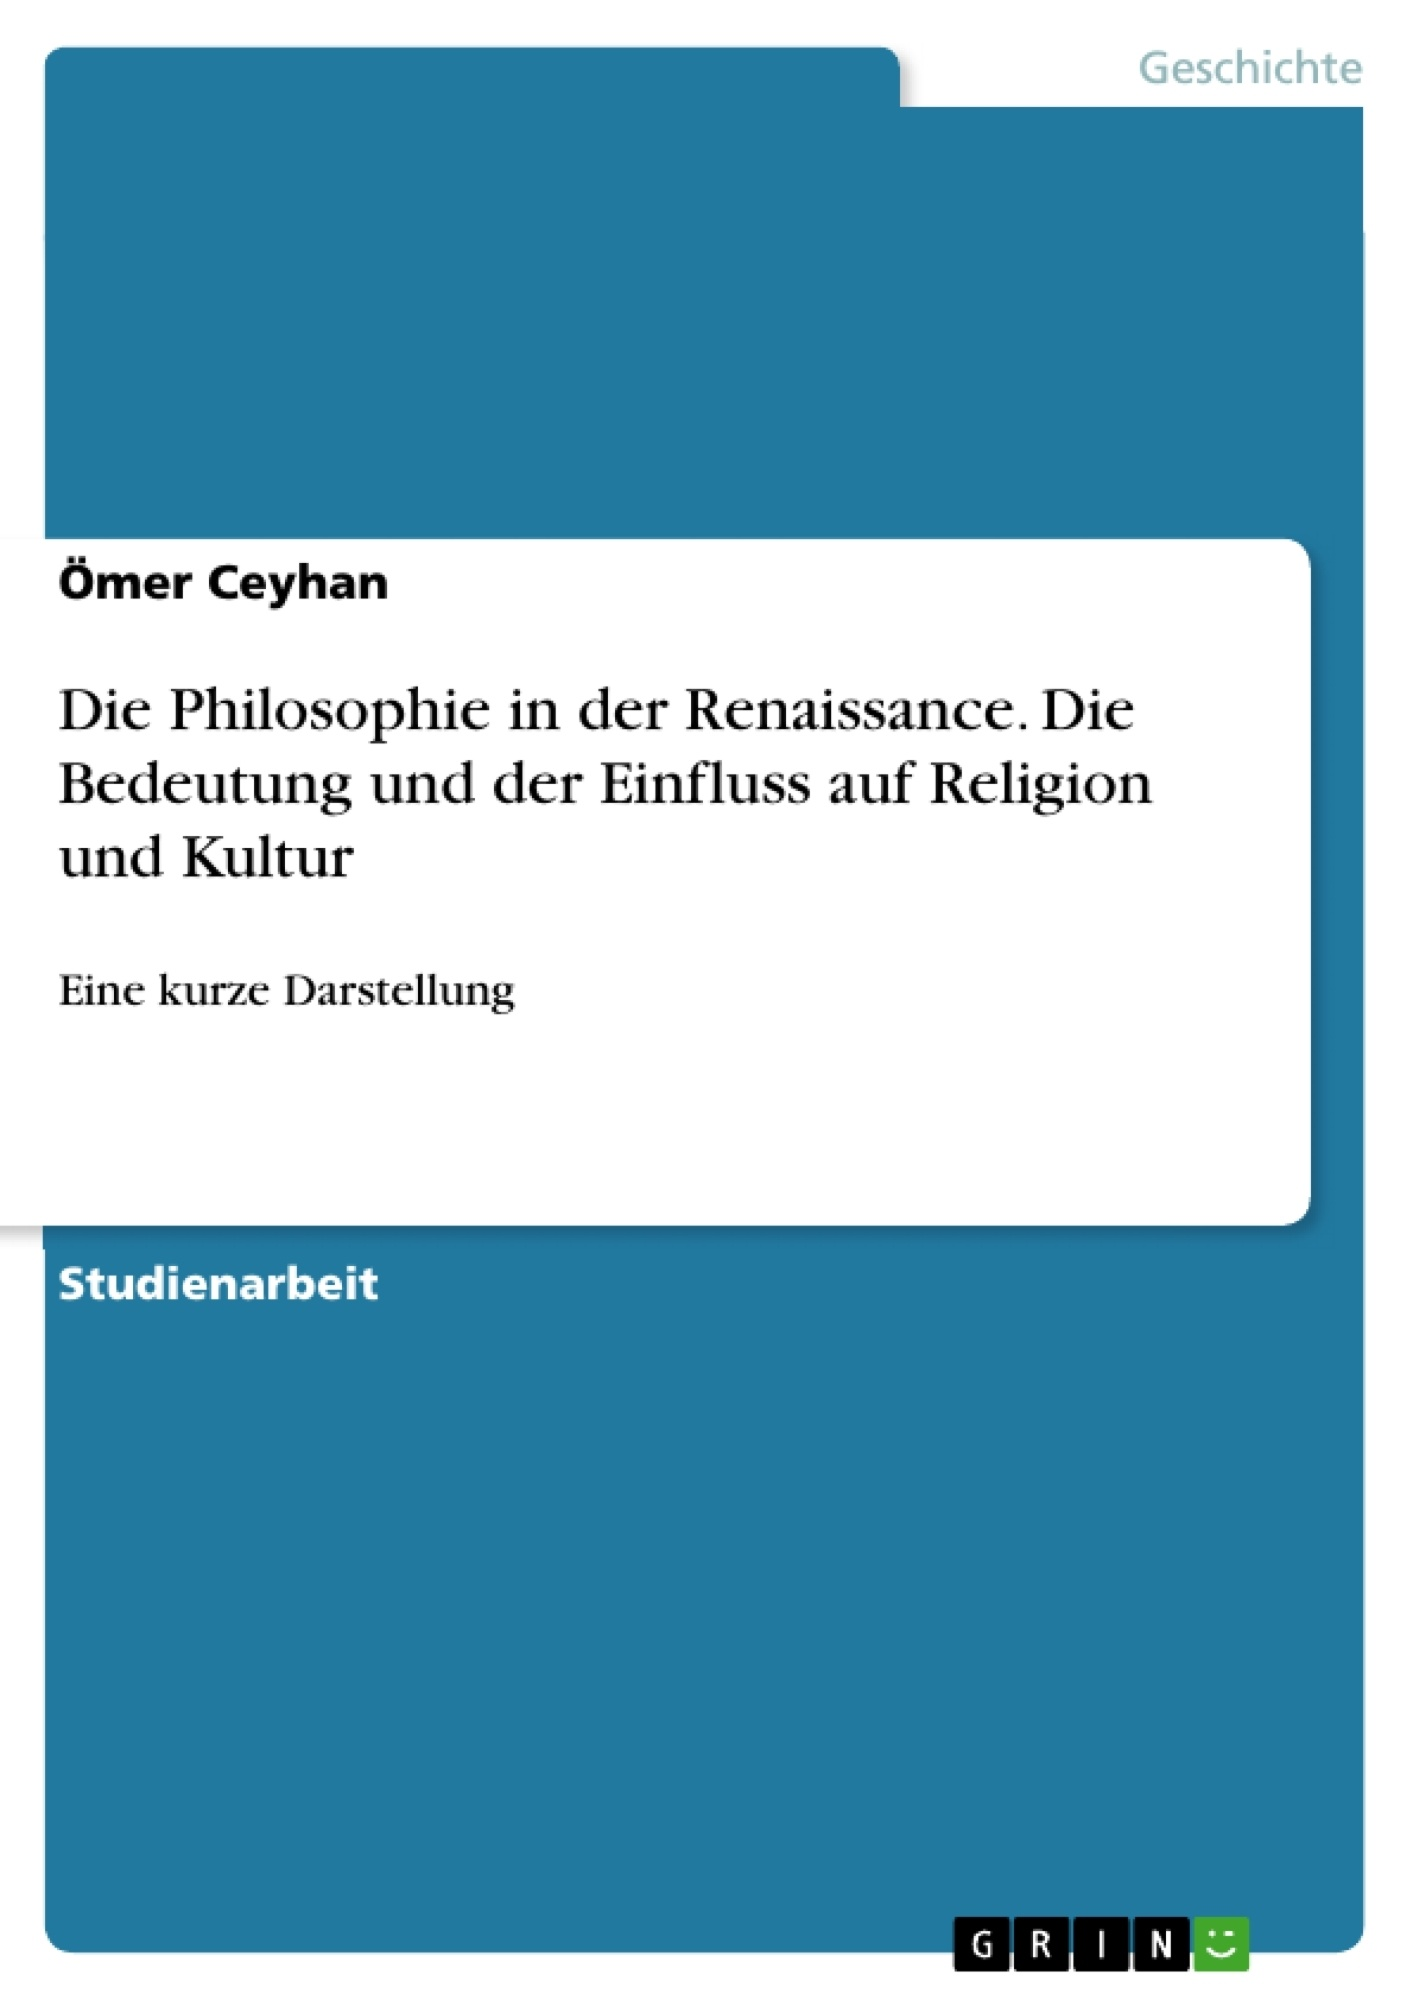 Titel: Die Philosophie in der Renaissance. Die Bedeutung und der Einfluss auf Religion und Kultur